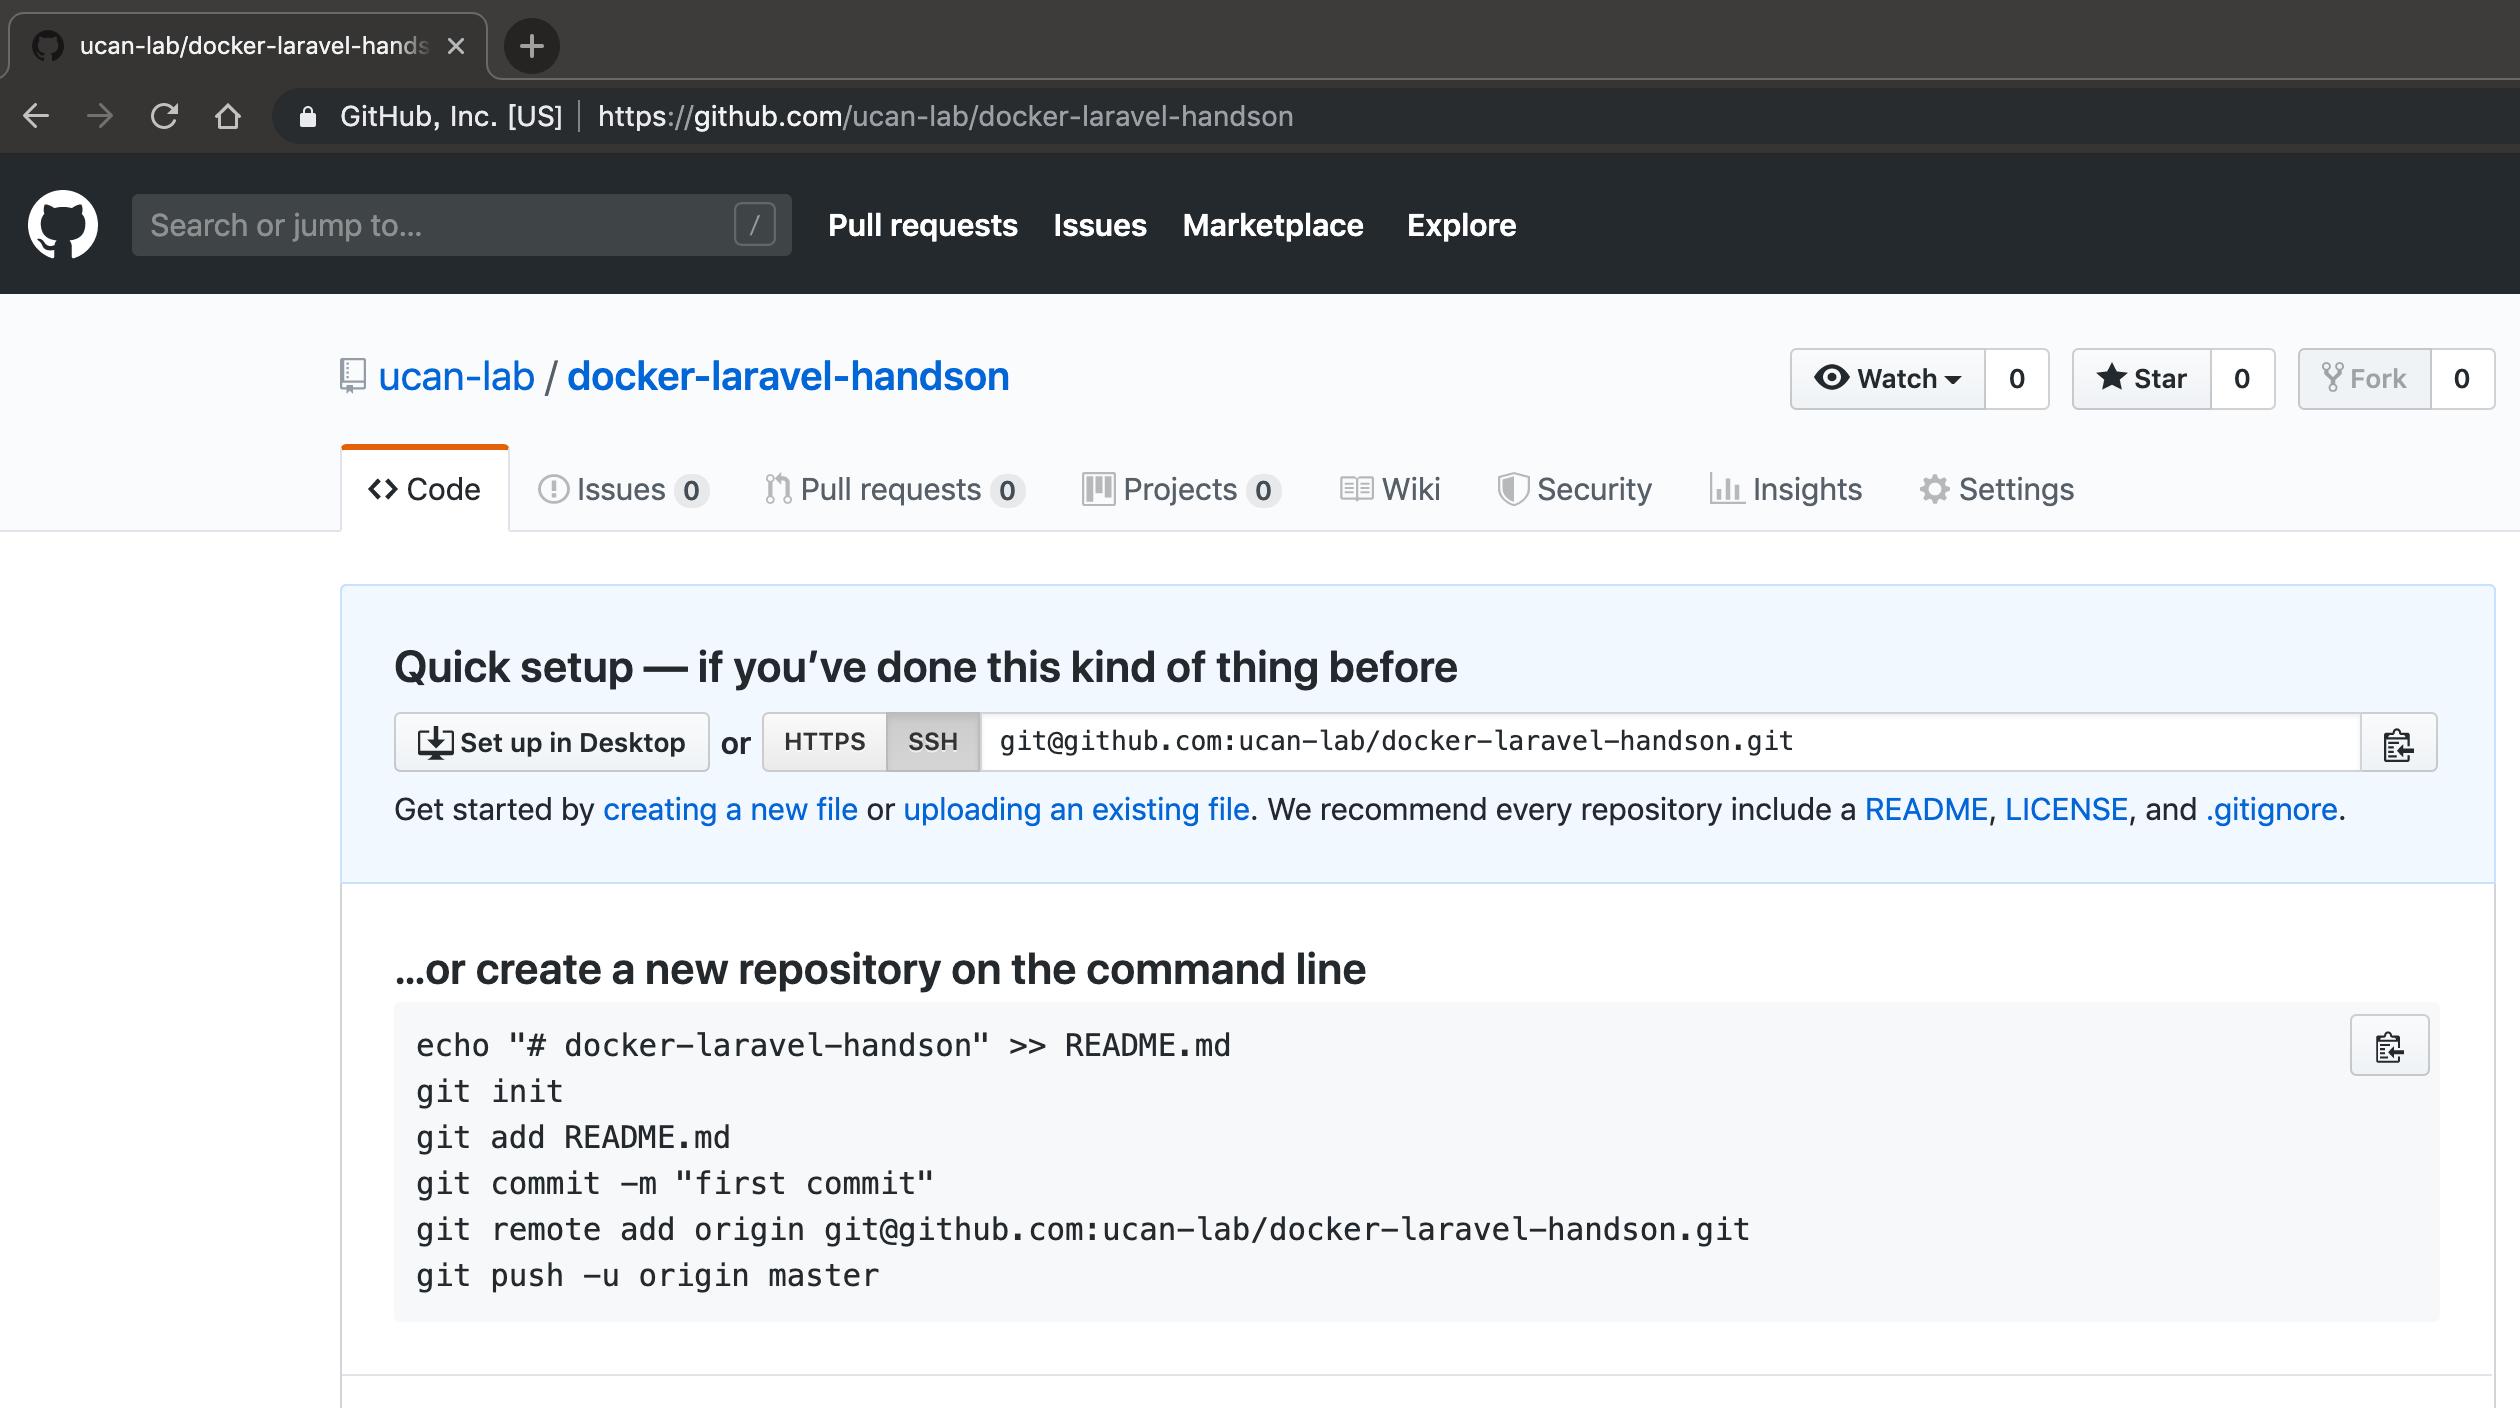 GitHub docker-laravel-handson